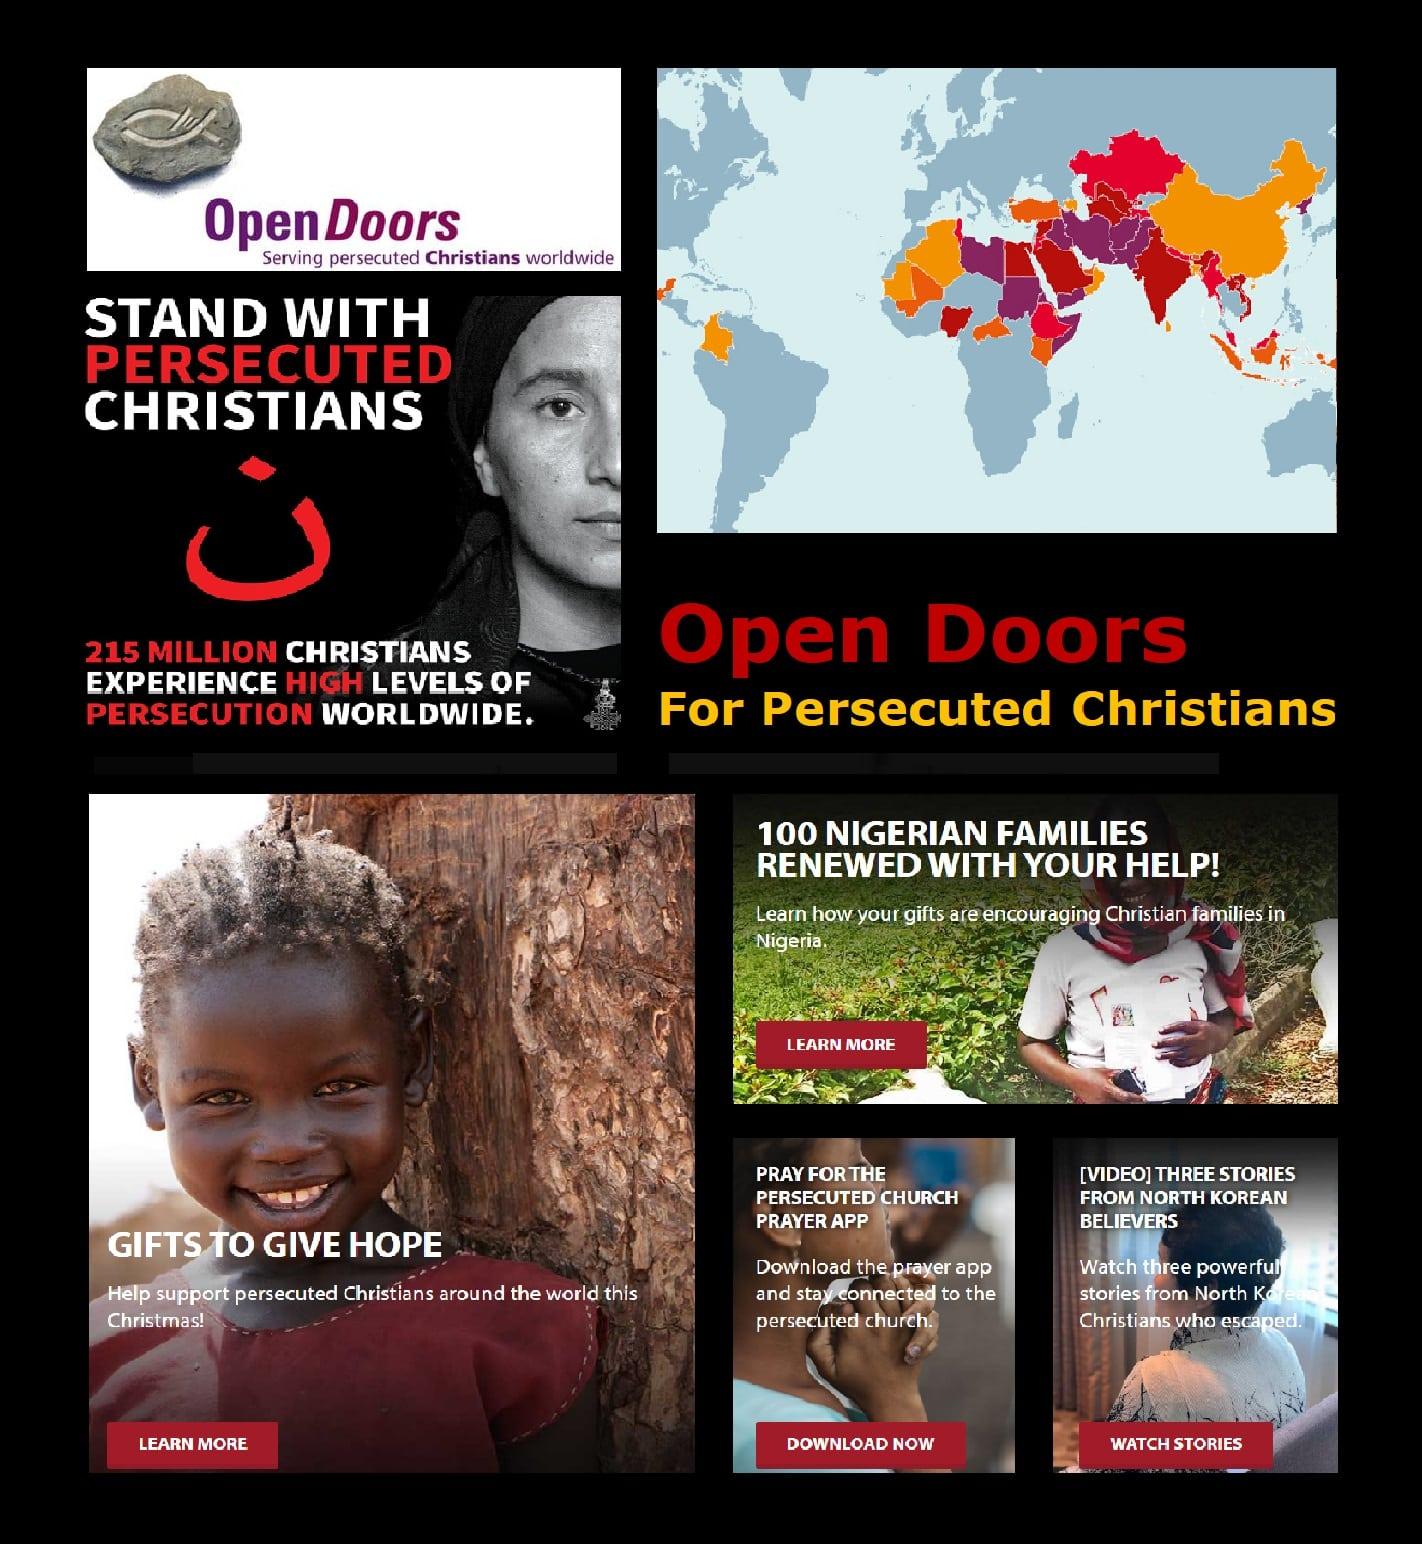 Open Doors Ministry